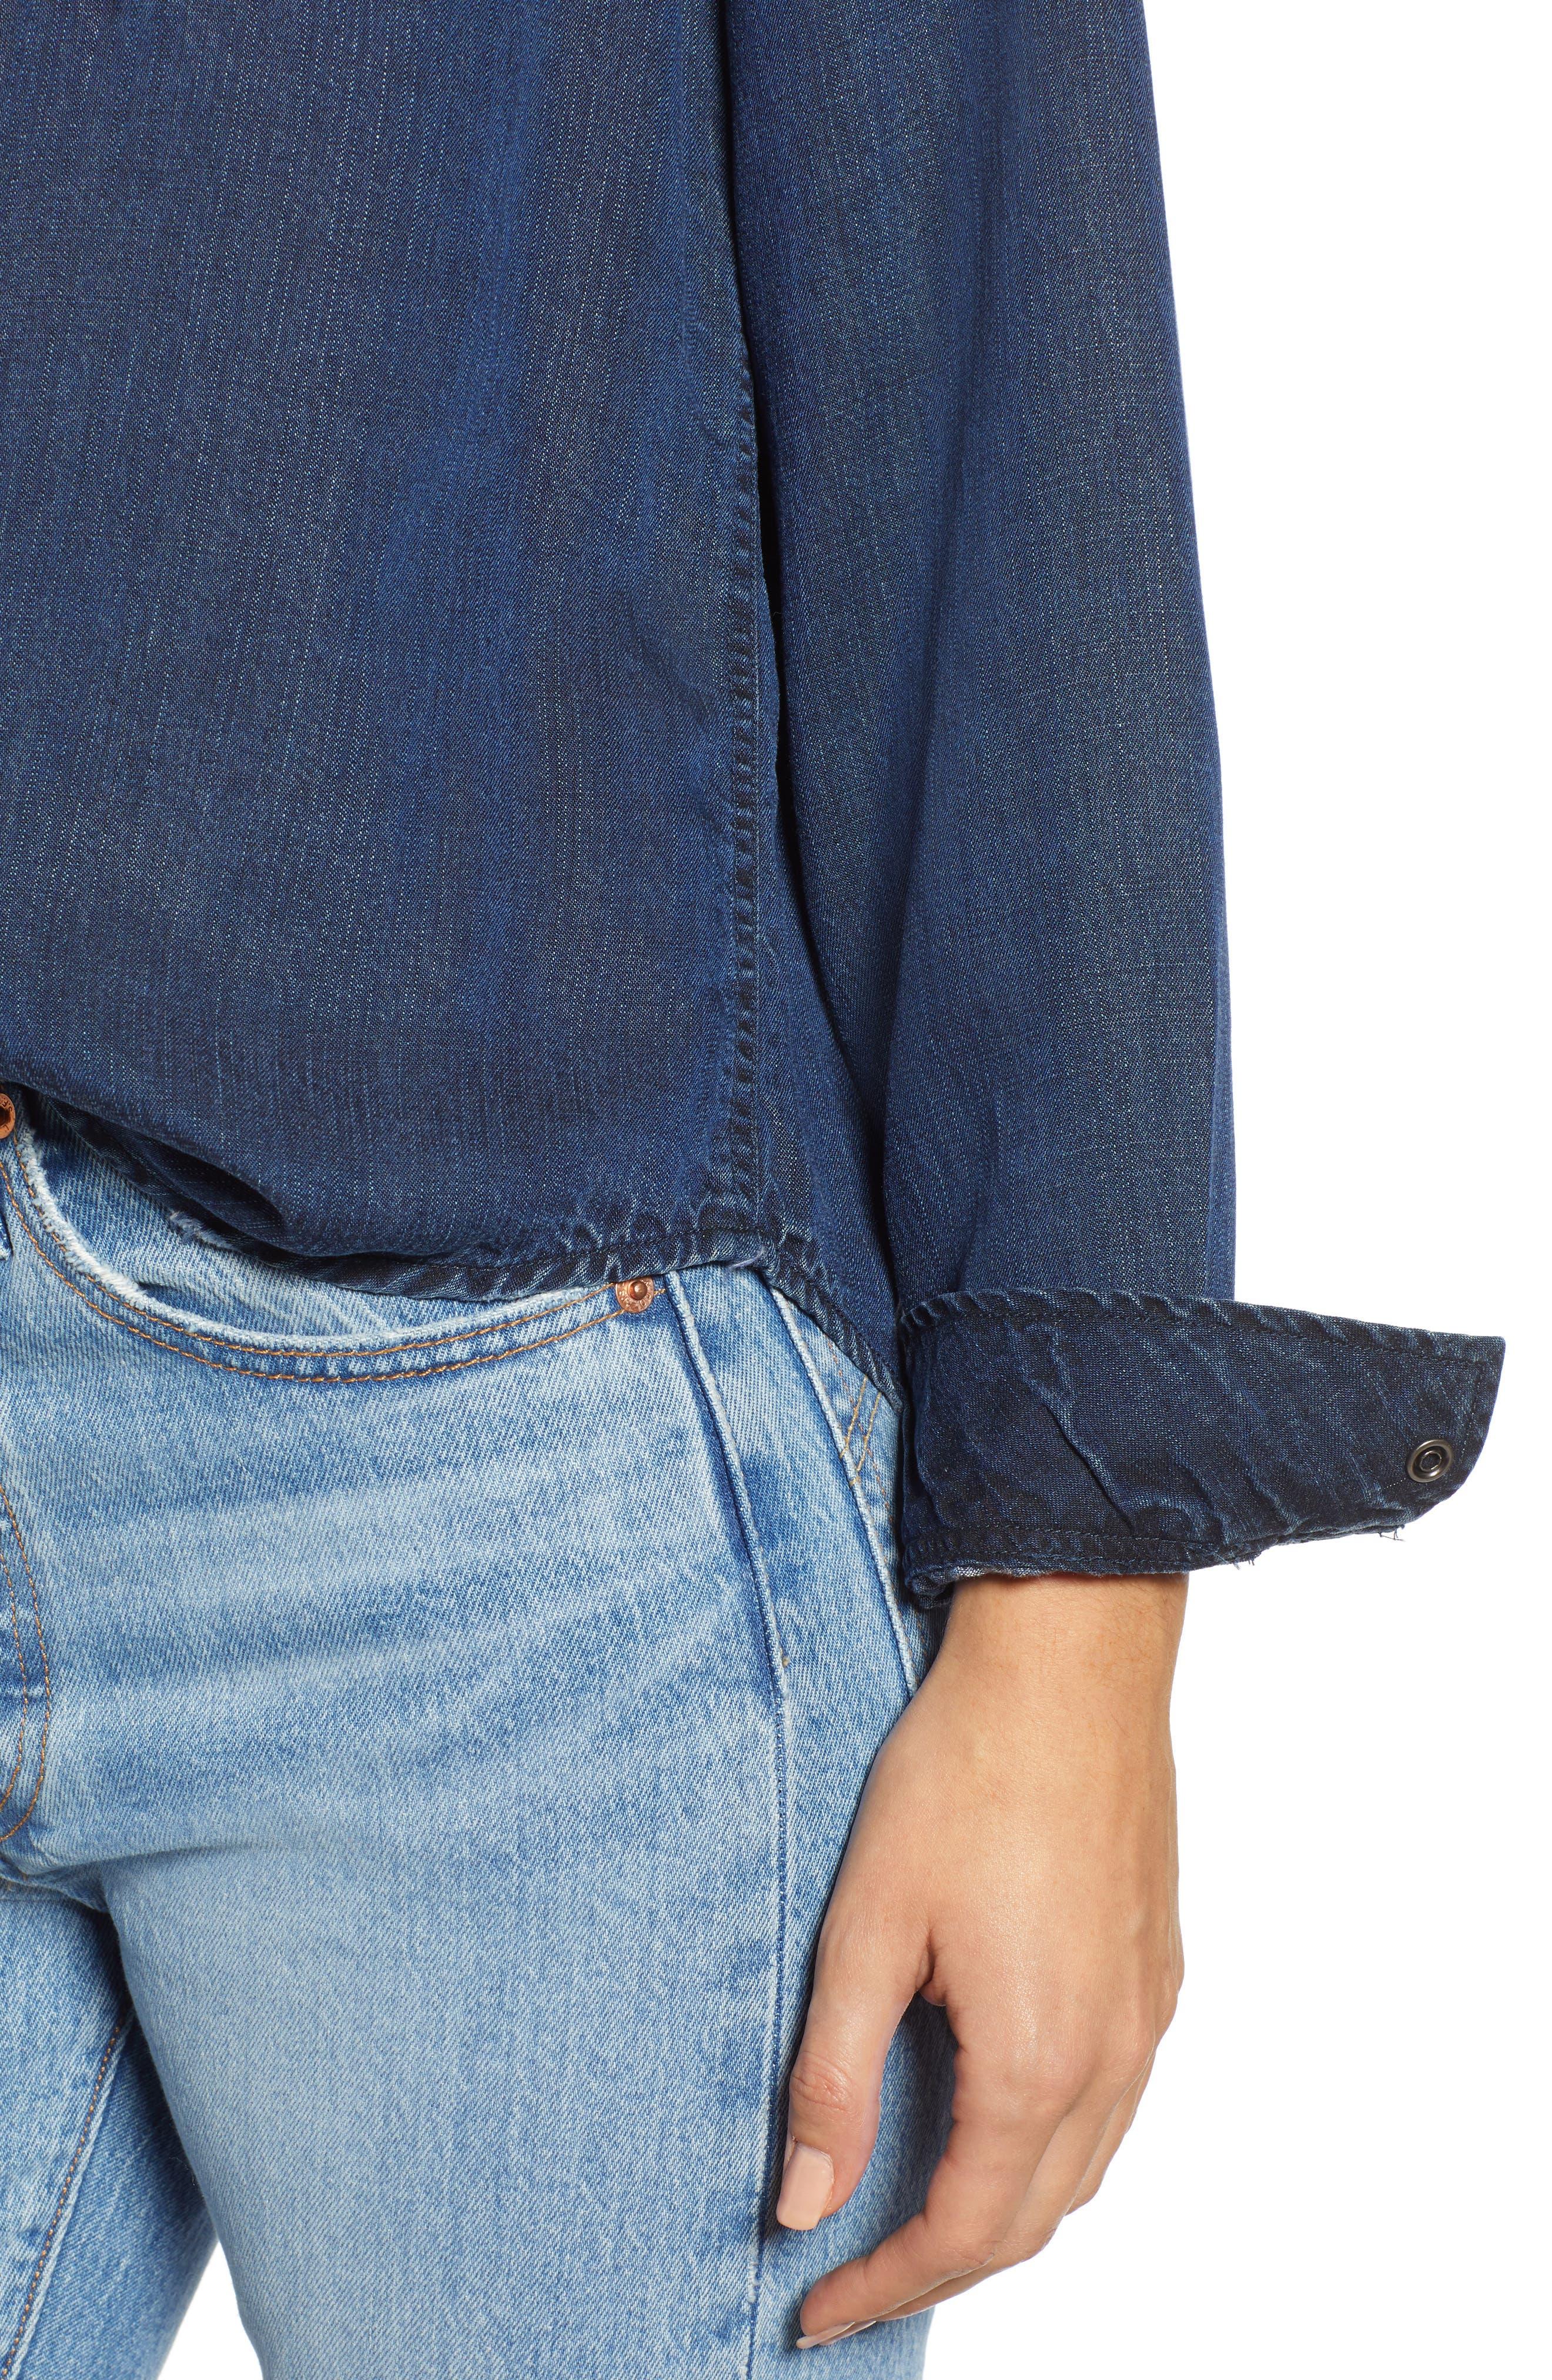 West Button Down Shirt,                             Alternate thumbnail 4, color,                             DARK VINTAGE LAPIS COAST WHITE